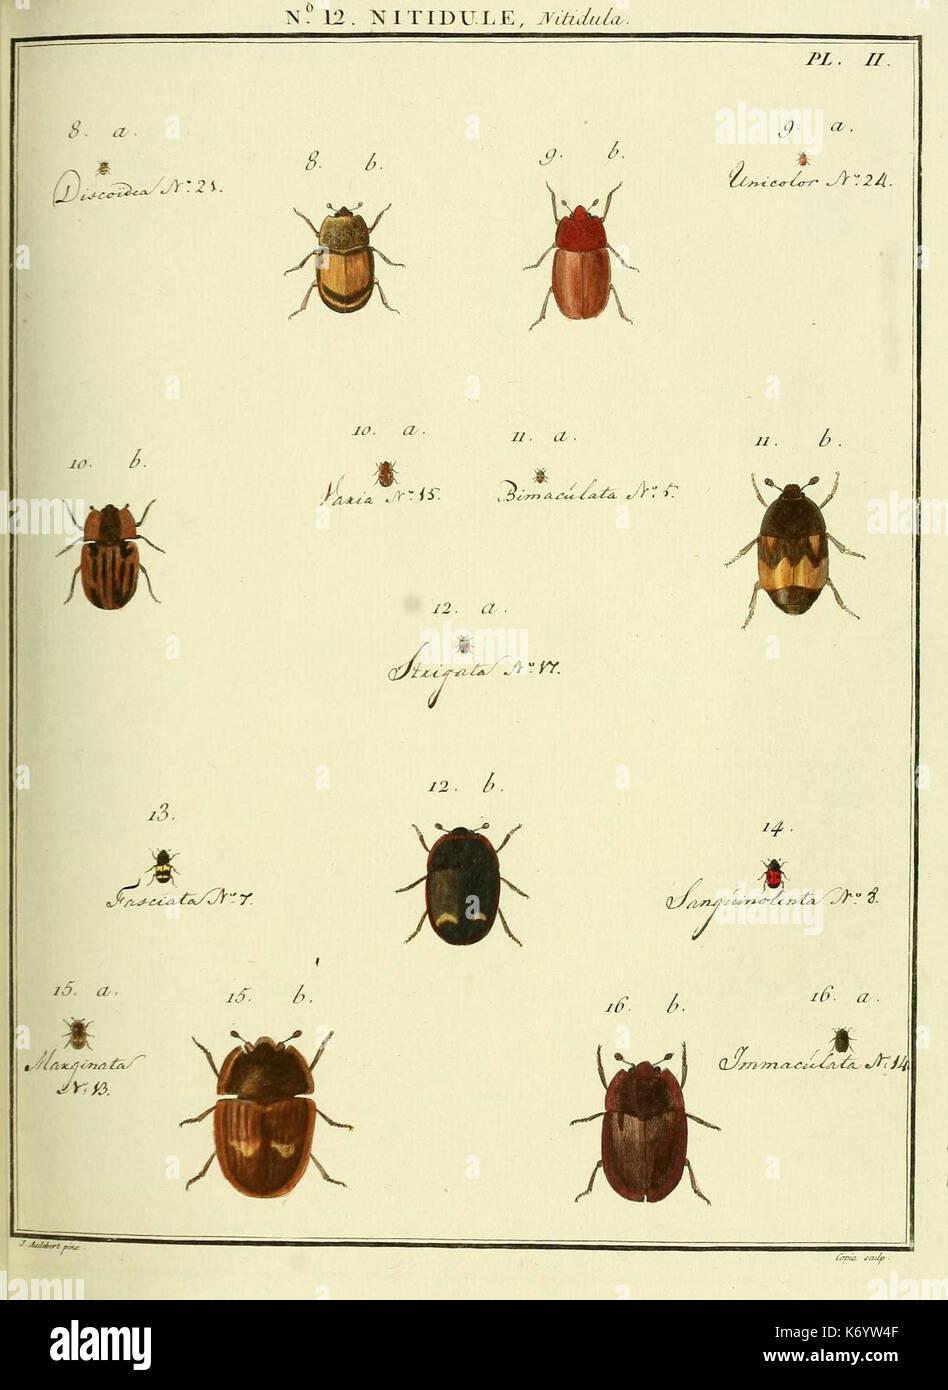 Entomologie, ou Histoire Naturelle des Insectes (Nr. 12 Nitidule Pl. II) (8112669469) Stockbild